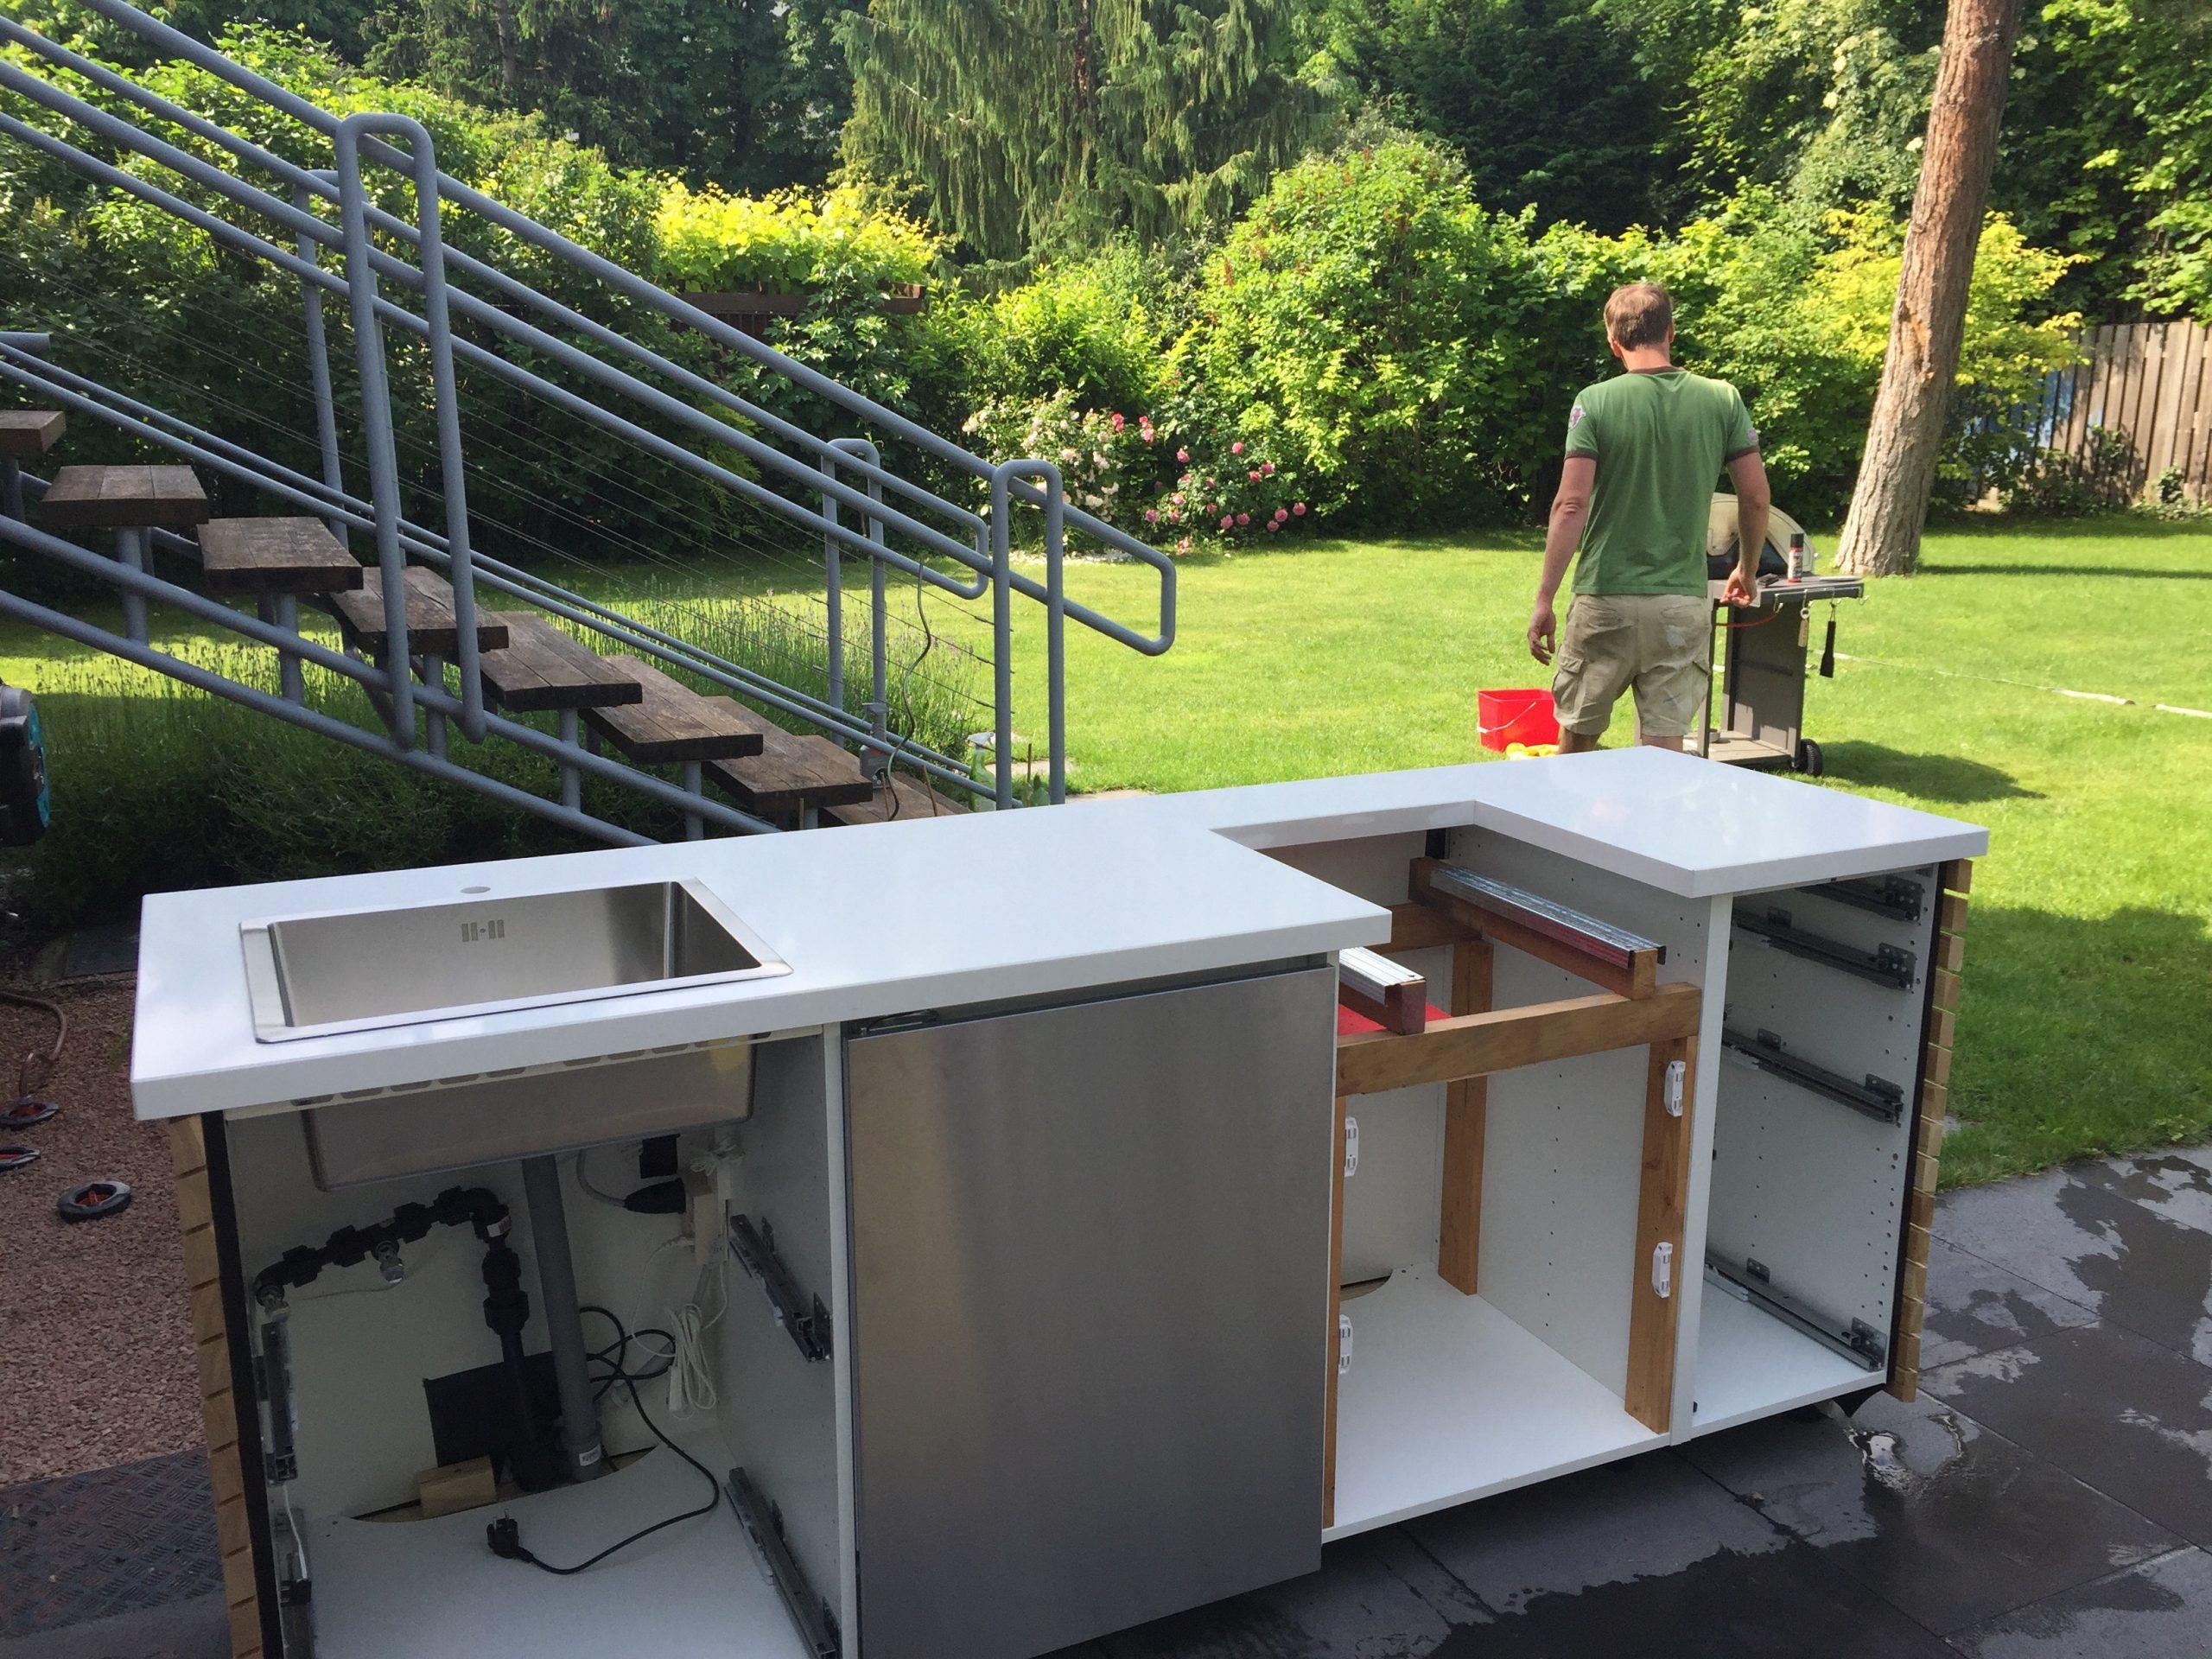 Full Size of Outdoor Küche Ikea Wandregal Landhaus Fliesen Für Modulküche Led Beleuchtung Wasserhahn Wandanschluss Pendelleuchte Thekentisch Gebrauchte Einbauküche Wohnzimmer Outdoor Küche Ikea